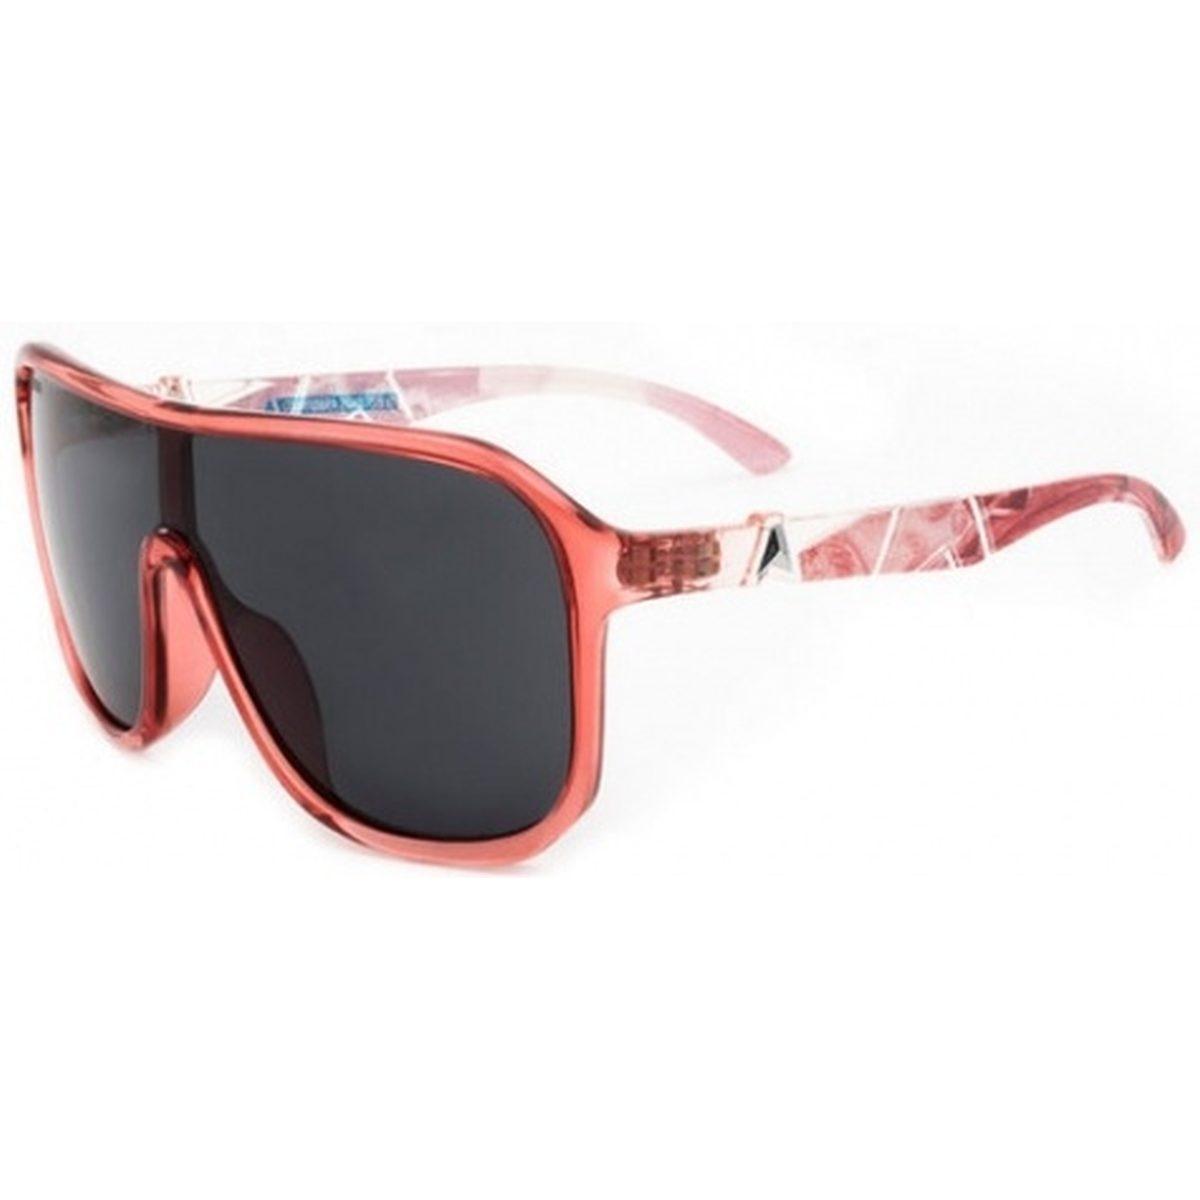 Óculos Absurda Guanabara - 204375901 - Optical designs Produto não  disponível f041de9f48